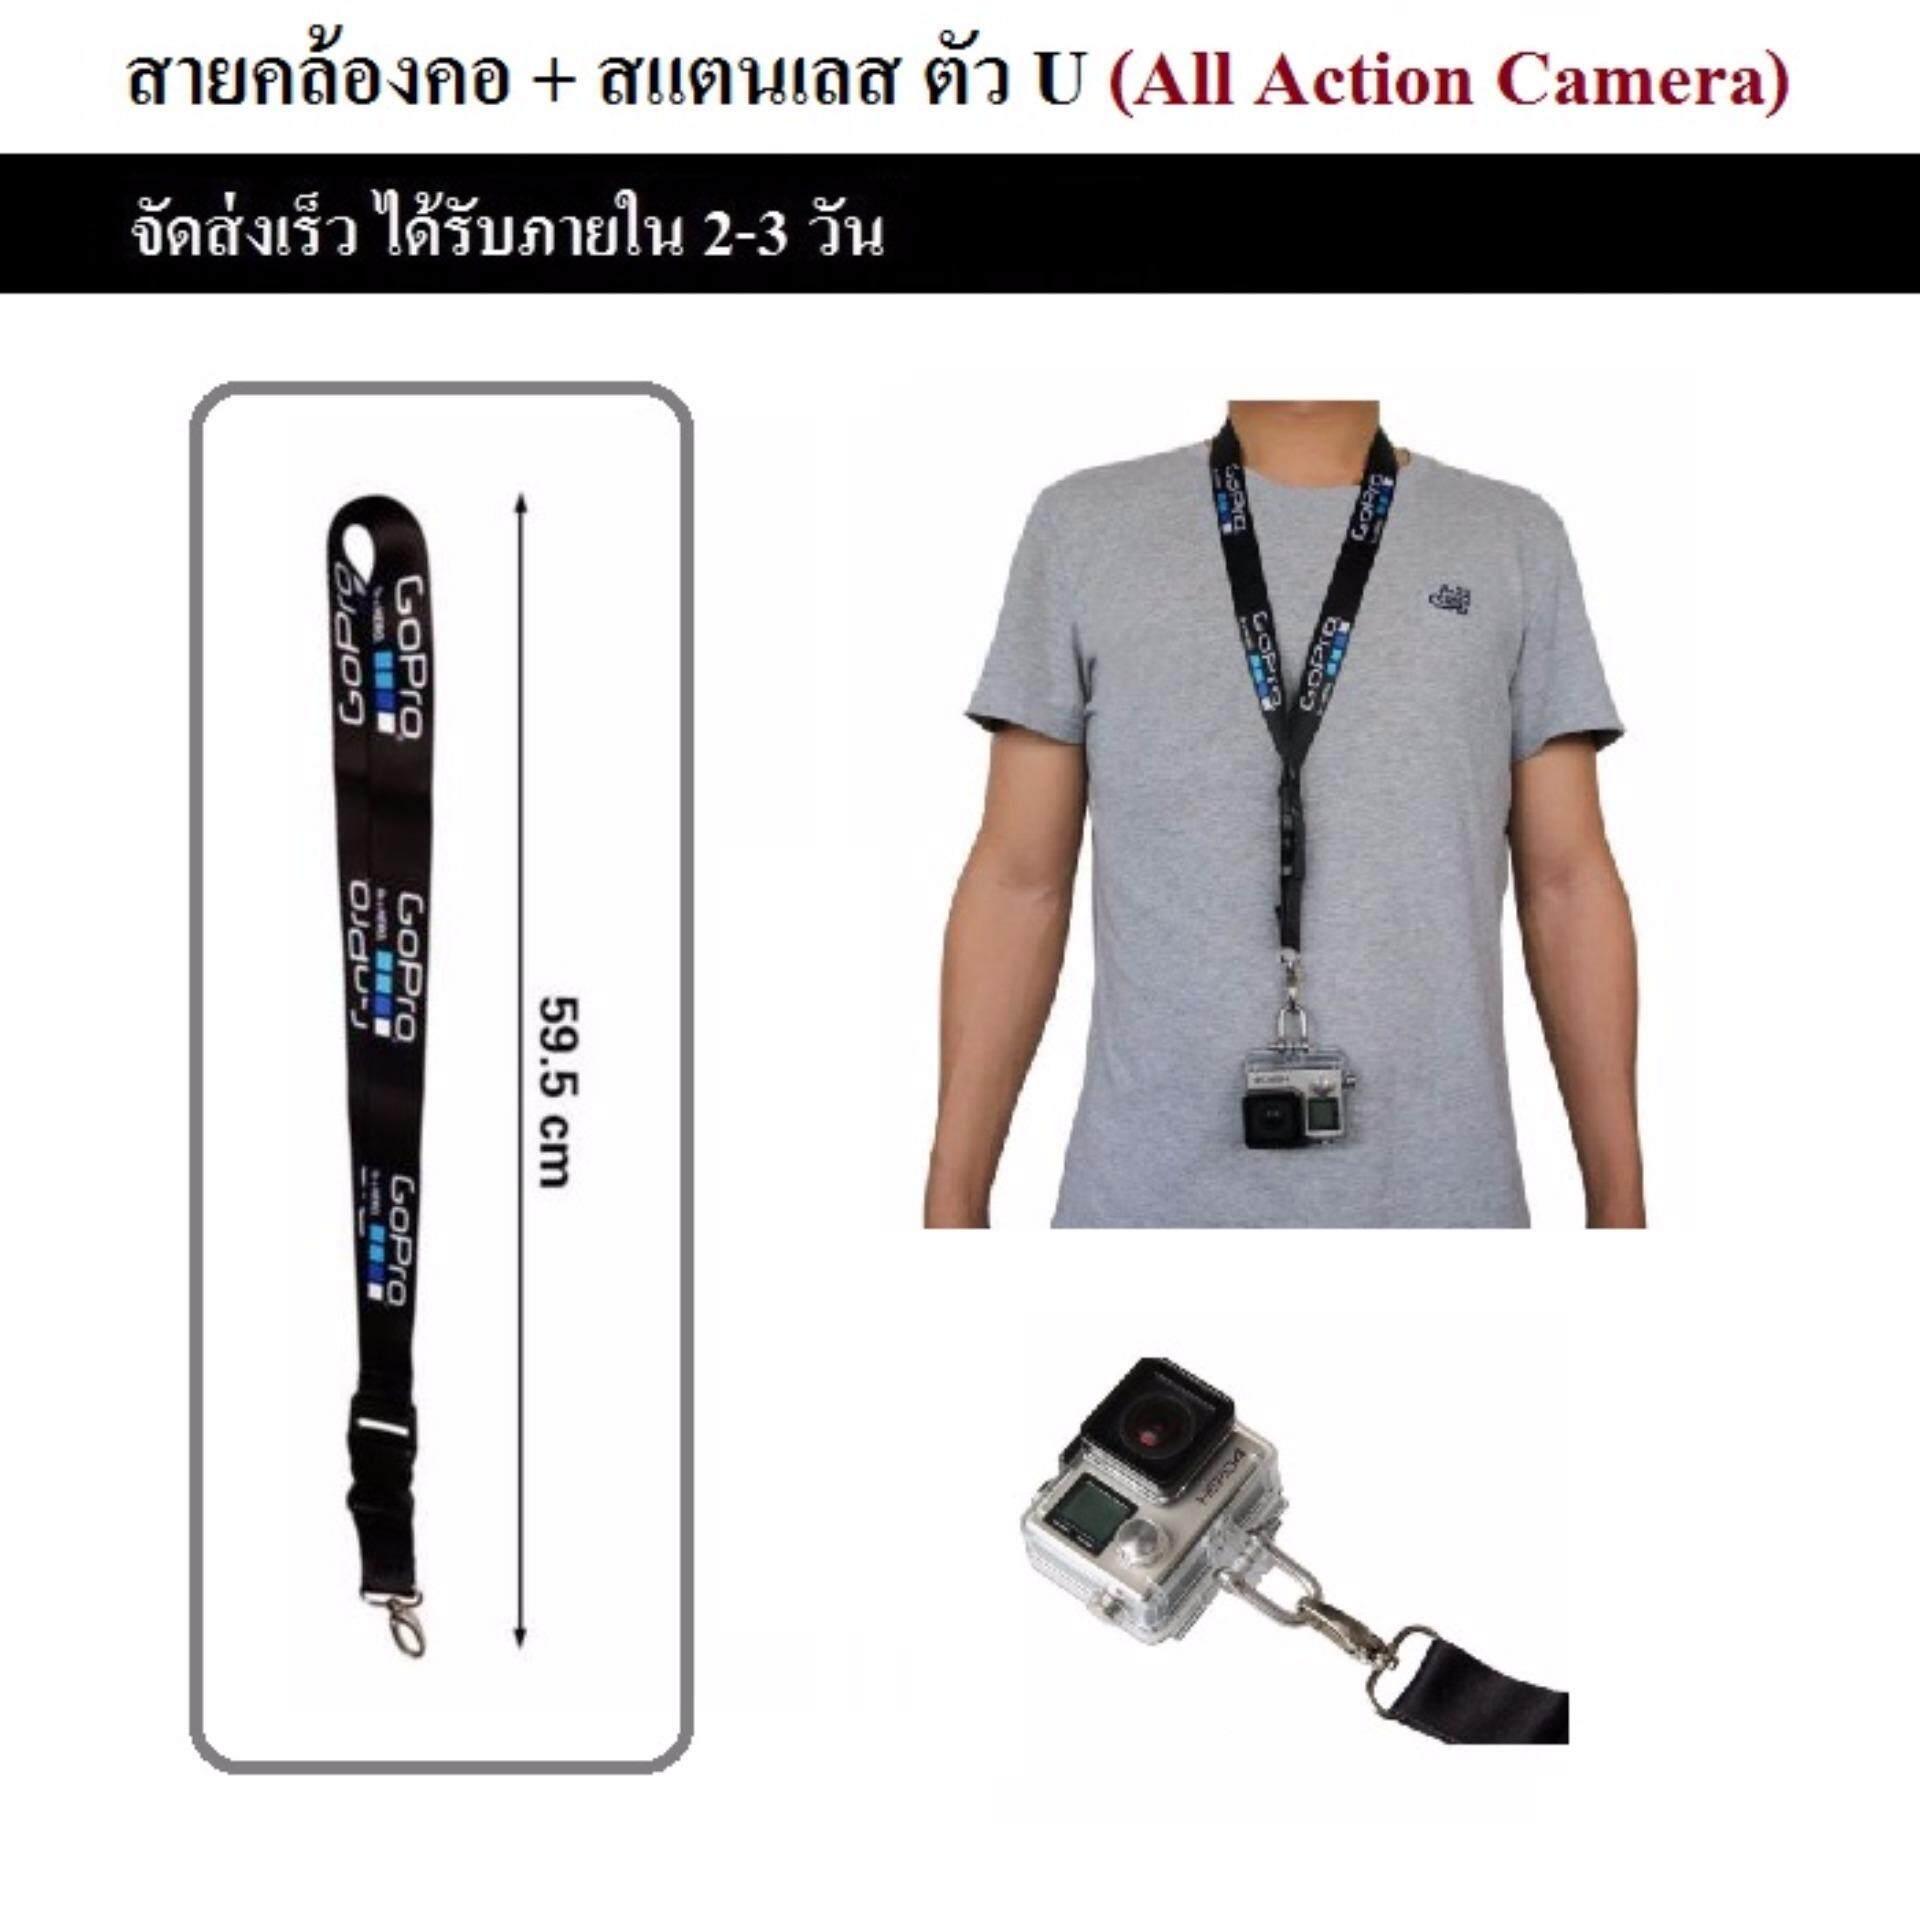 สายคล้องคอ GoPro พร้อม สแตนเลส ตัว U - Neck Strap with Stainlesshook for action camera